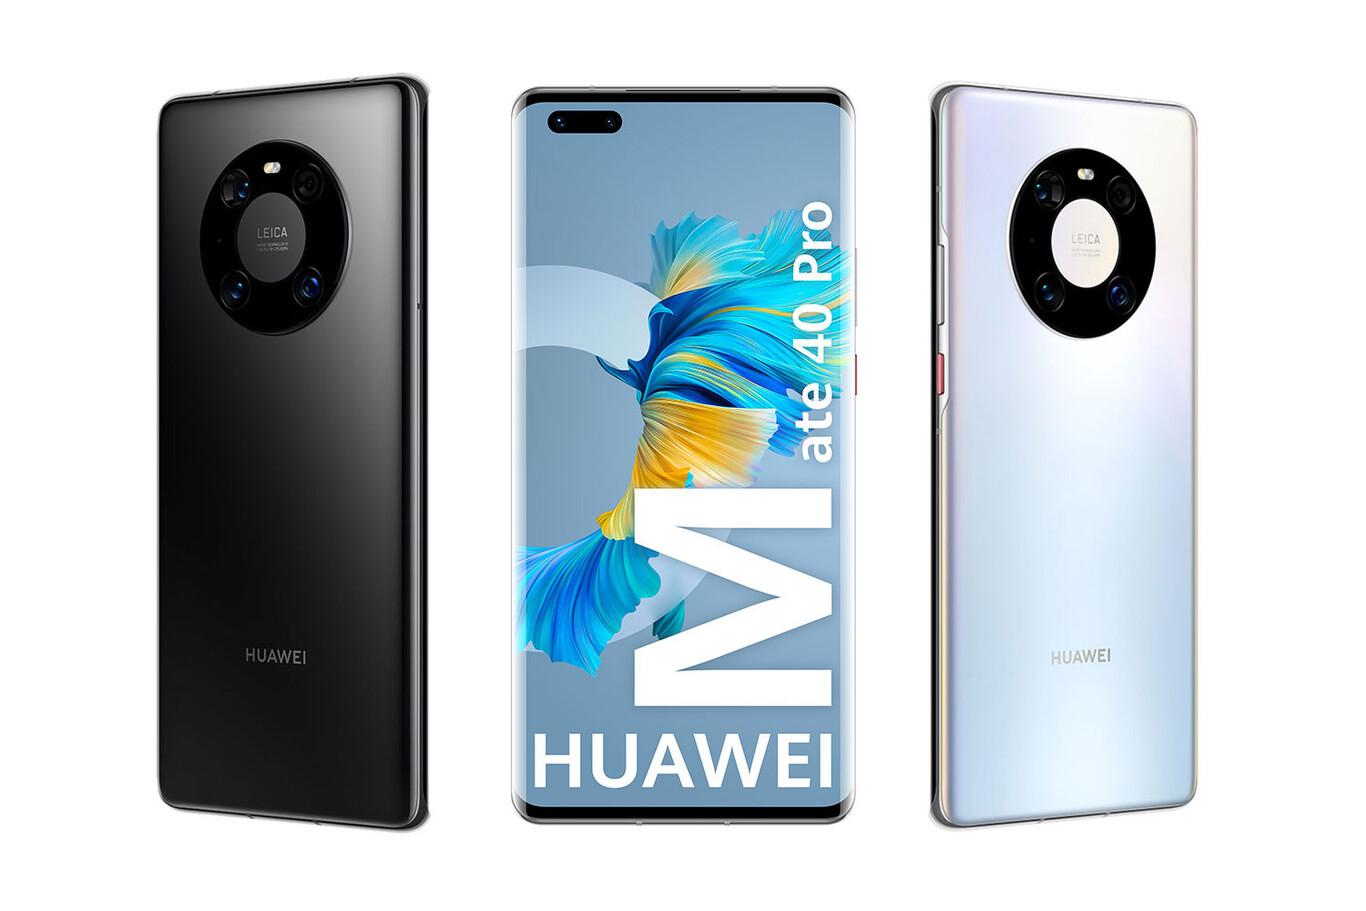 Huawei Mate 40 Pro: más pulgadas y el nuevo y potente Kirin 9000 de 5 nm  como argumentos para ganar la batalla en la gama alta